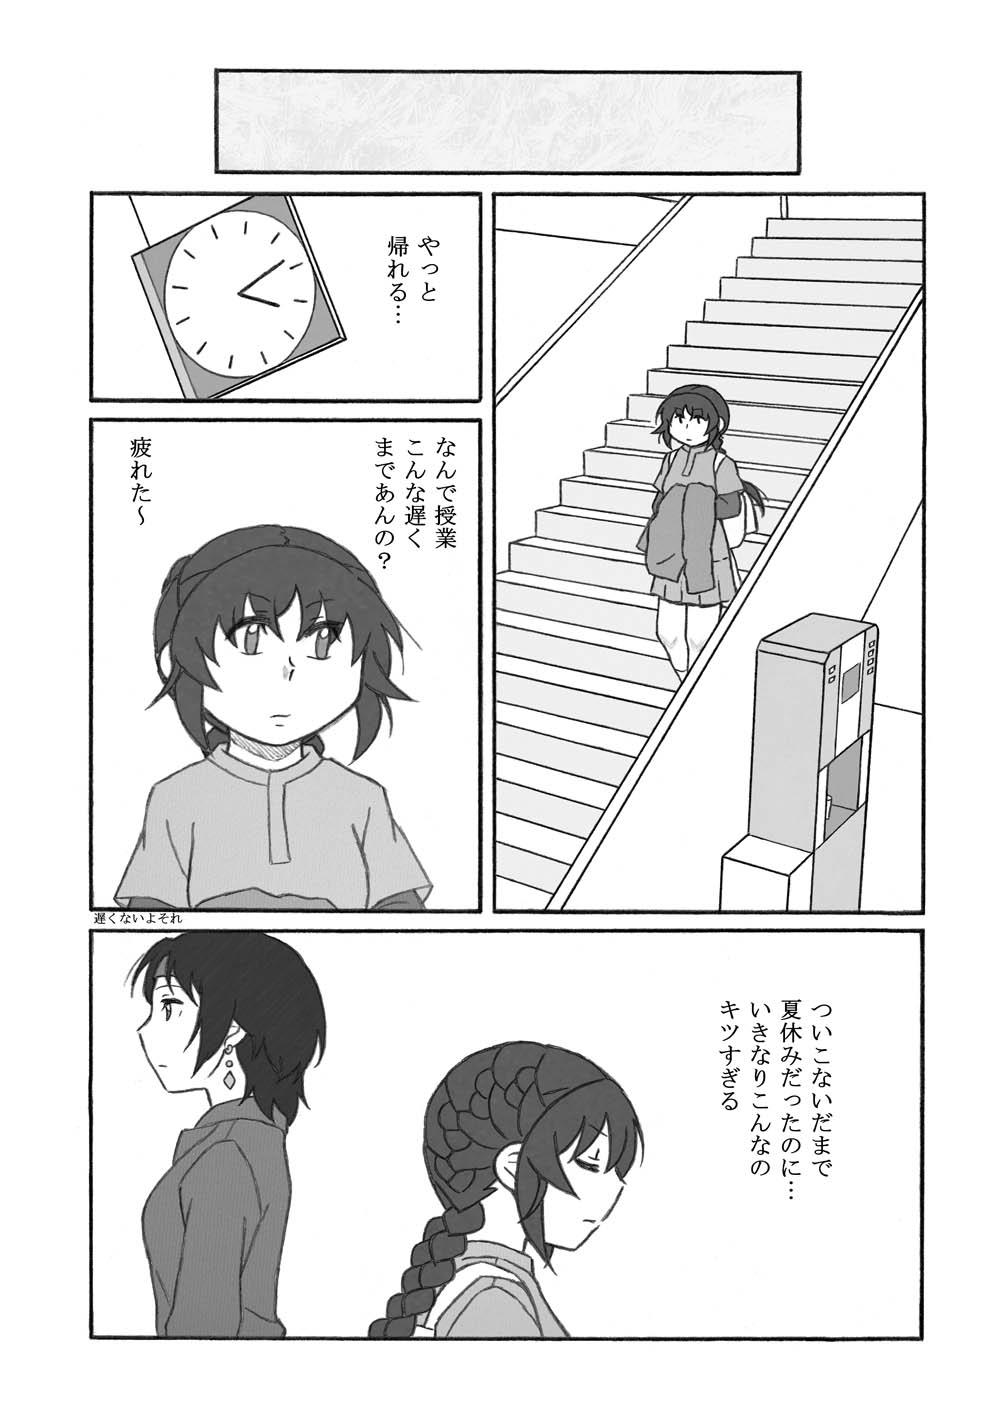 (例の販売機チラ見せ)